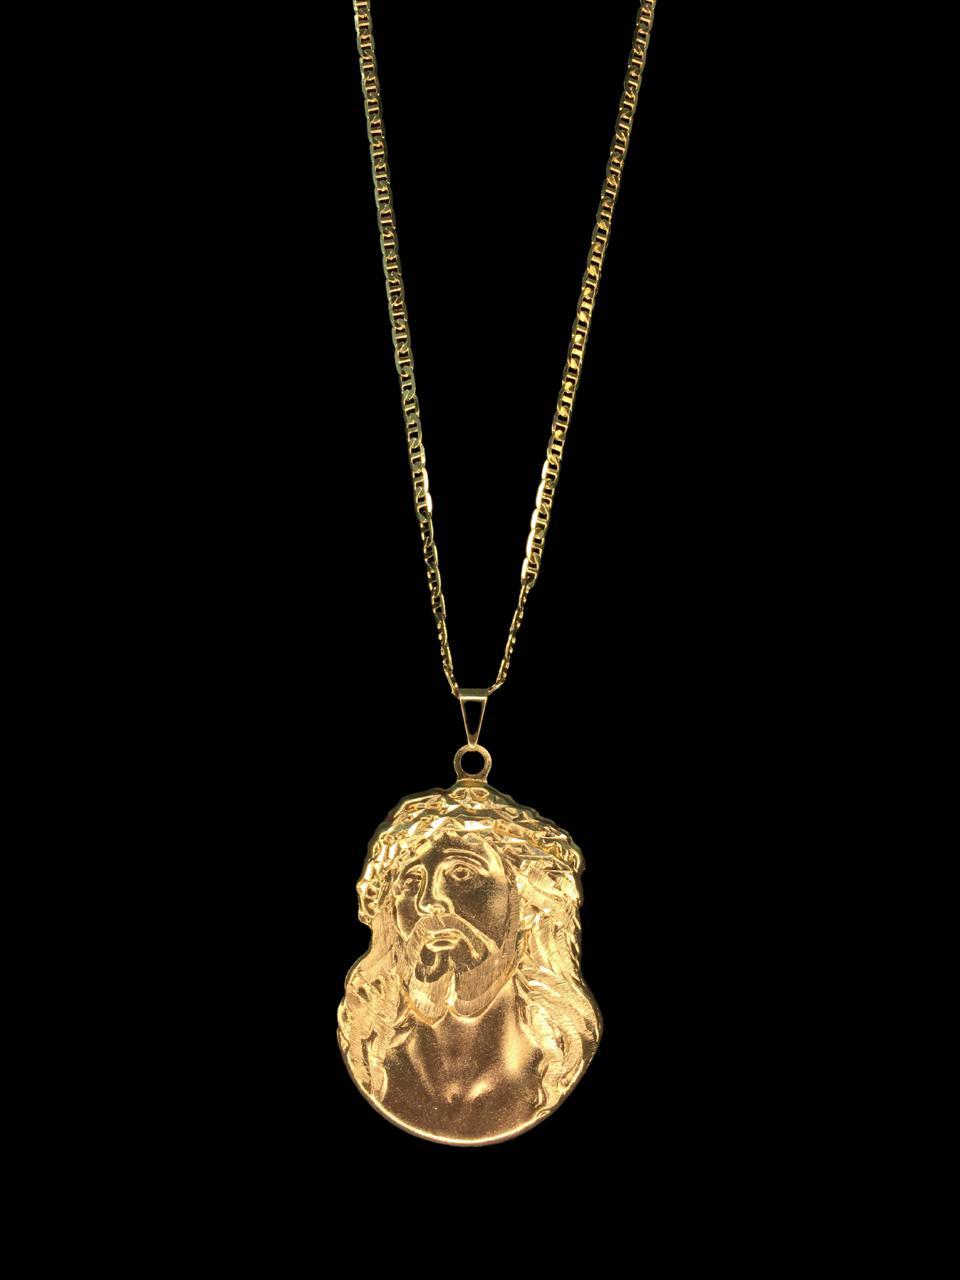 Kit Corrente piastrine - 2 milímetros -   70 centímetros  -  Com Pingente face de Jesus Cristo   Banhados a Ouro 18k